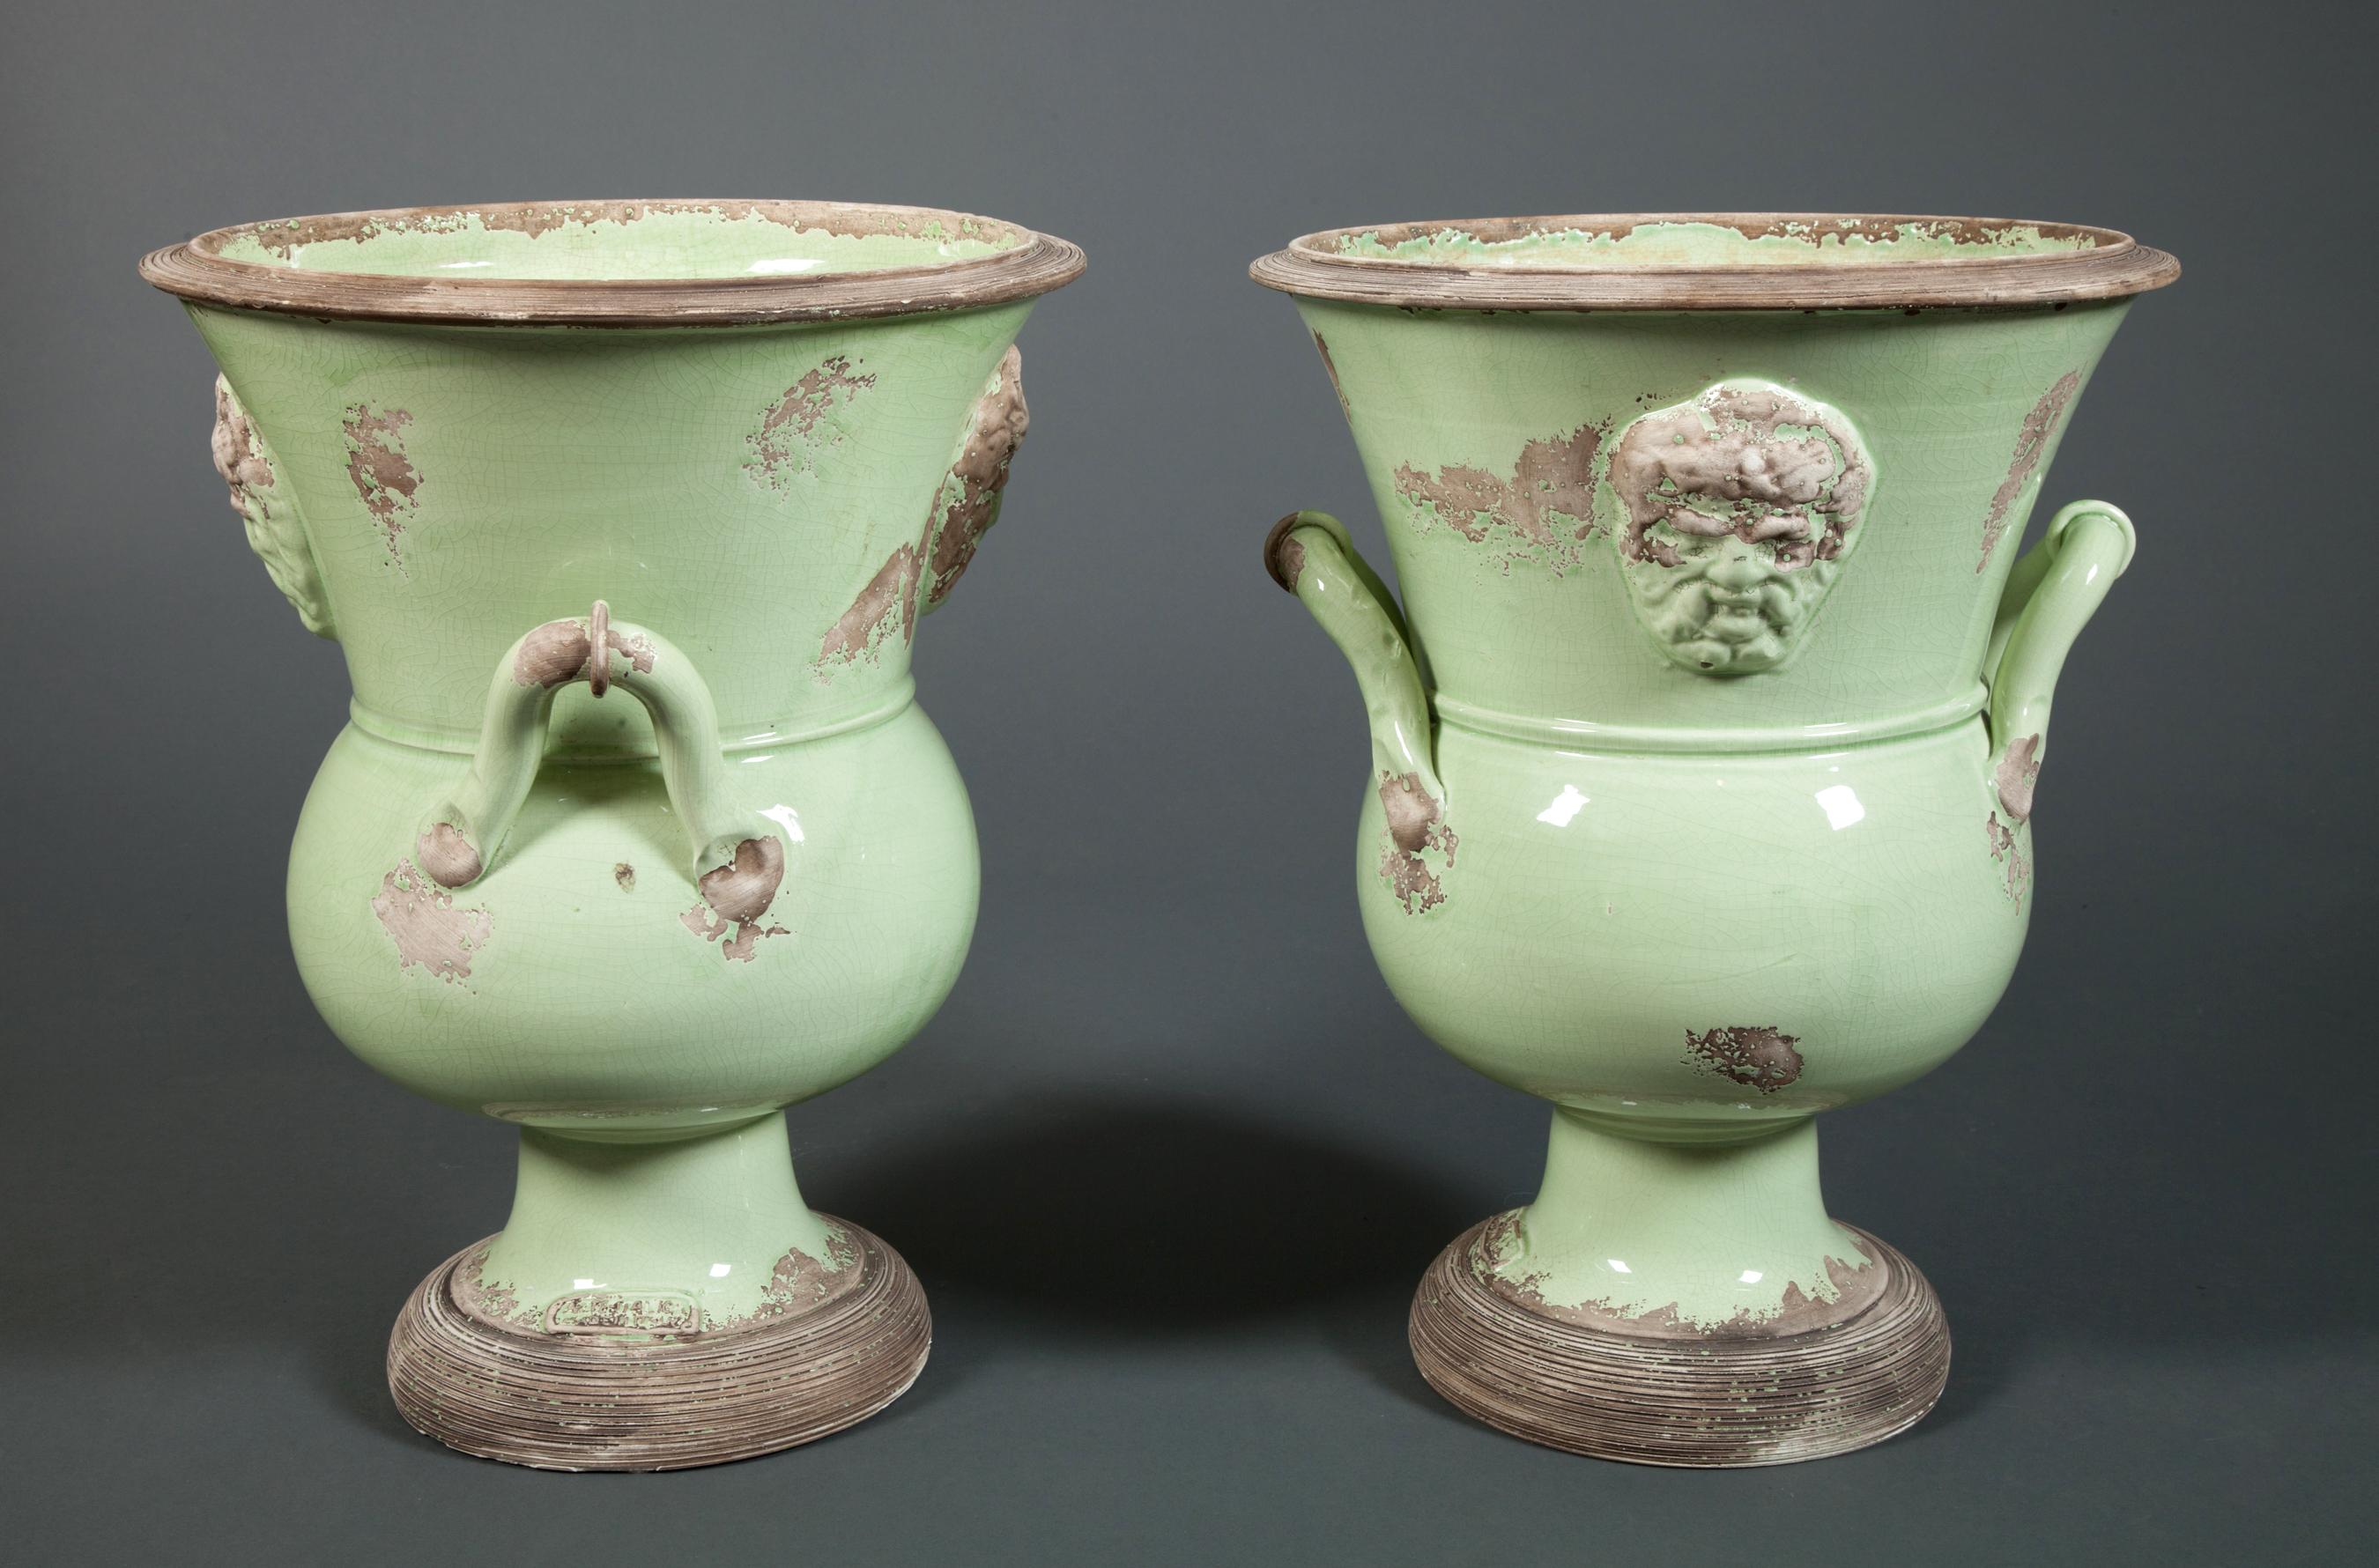 Pair of Italian Urns